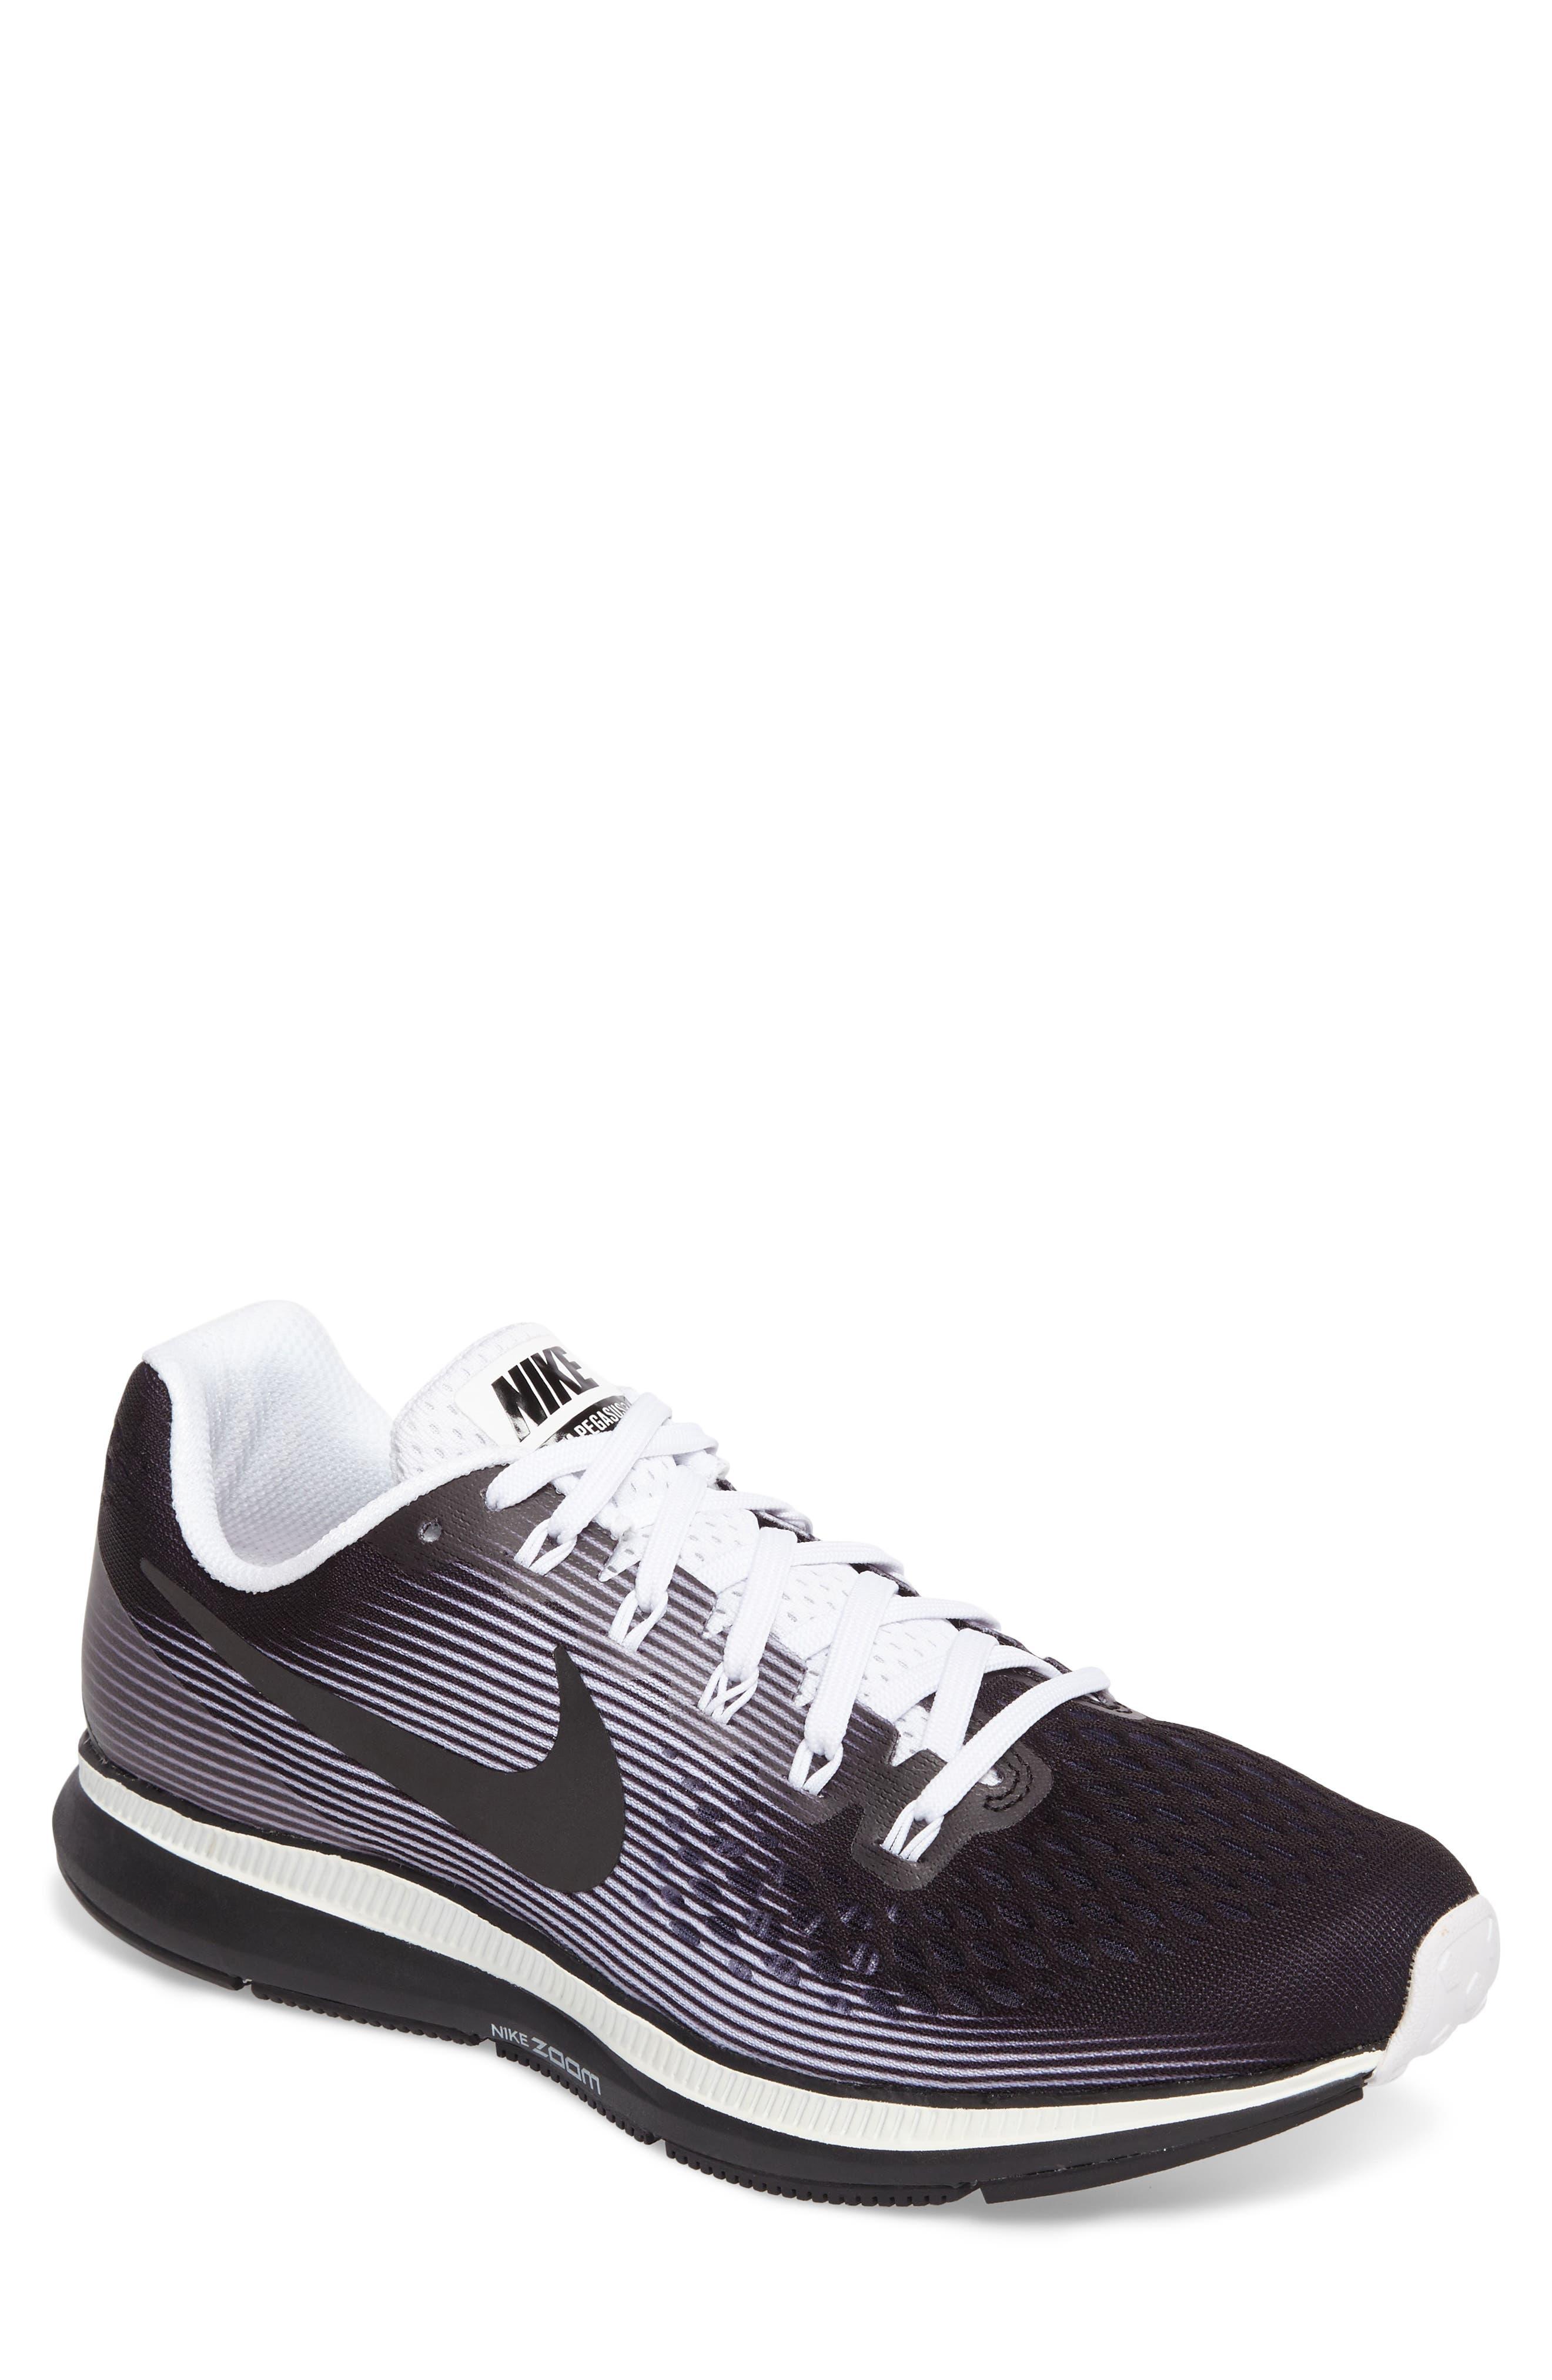 Main Image - Nike Air Zoom Pegasus 34 LE Running Shoe (Men)